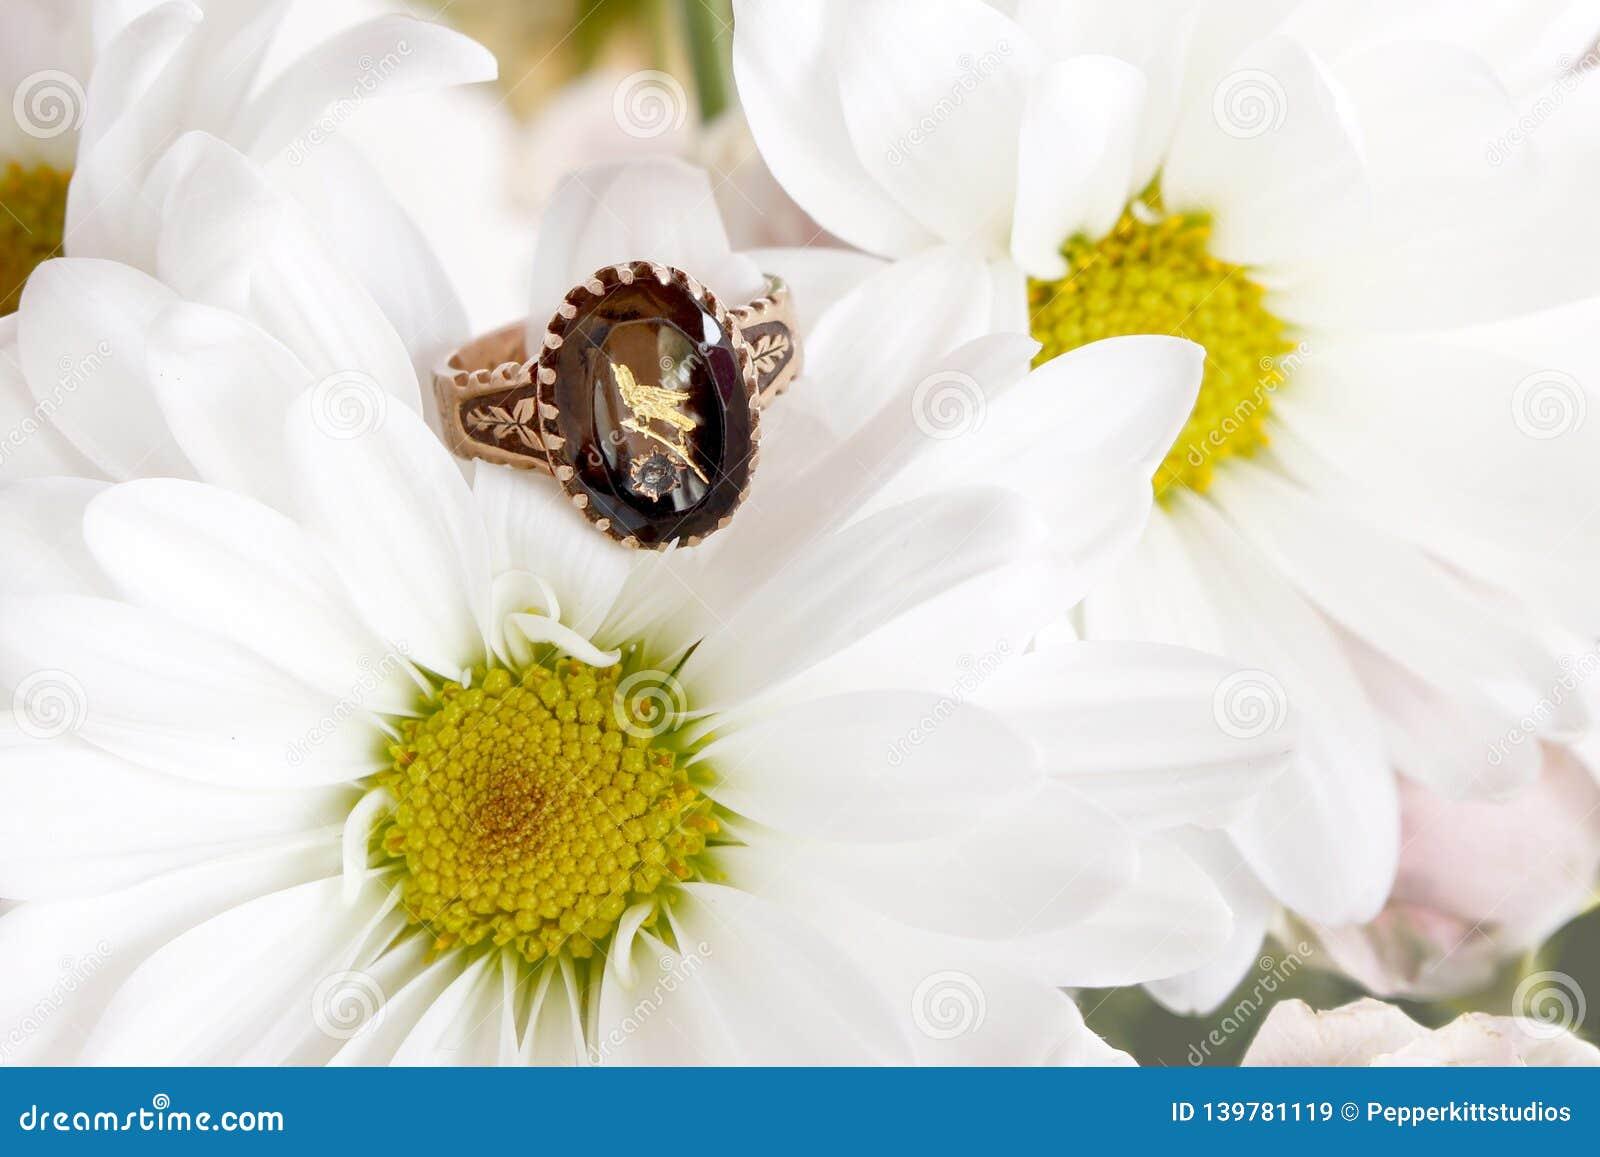 Victoriaans Amethist Rose Gold Ring met Geëtste Vogel op Daisy Mums